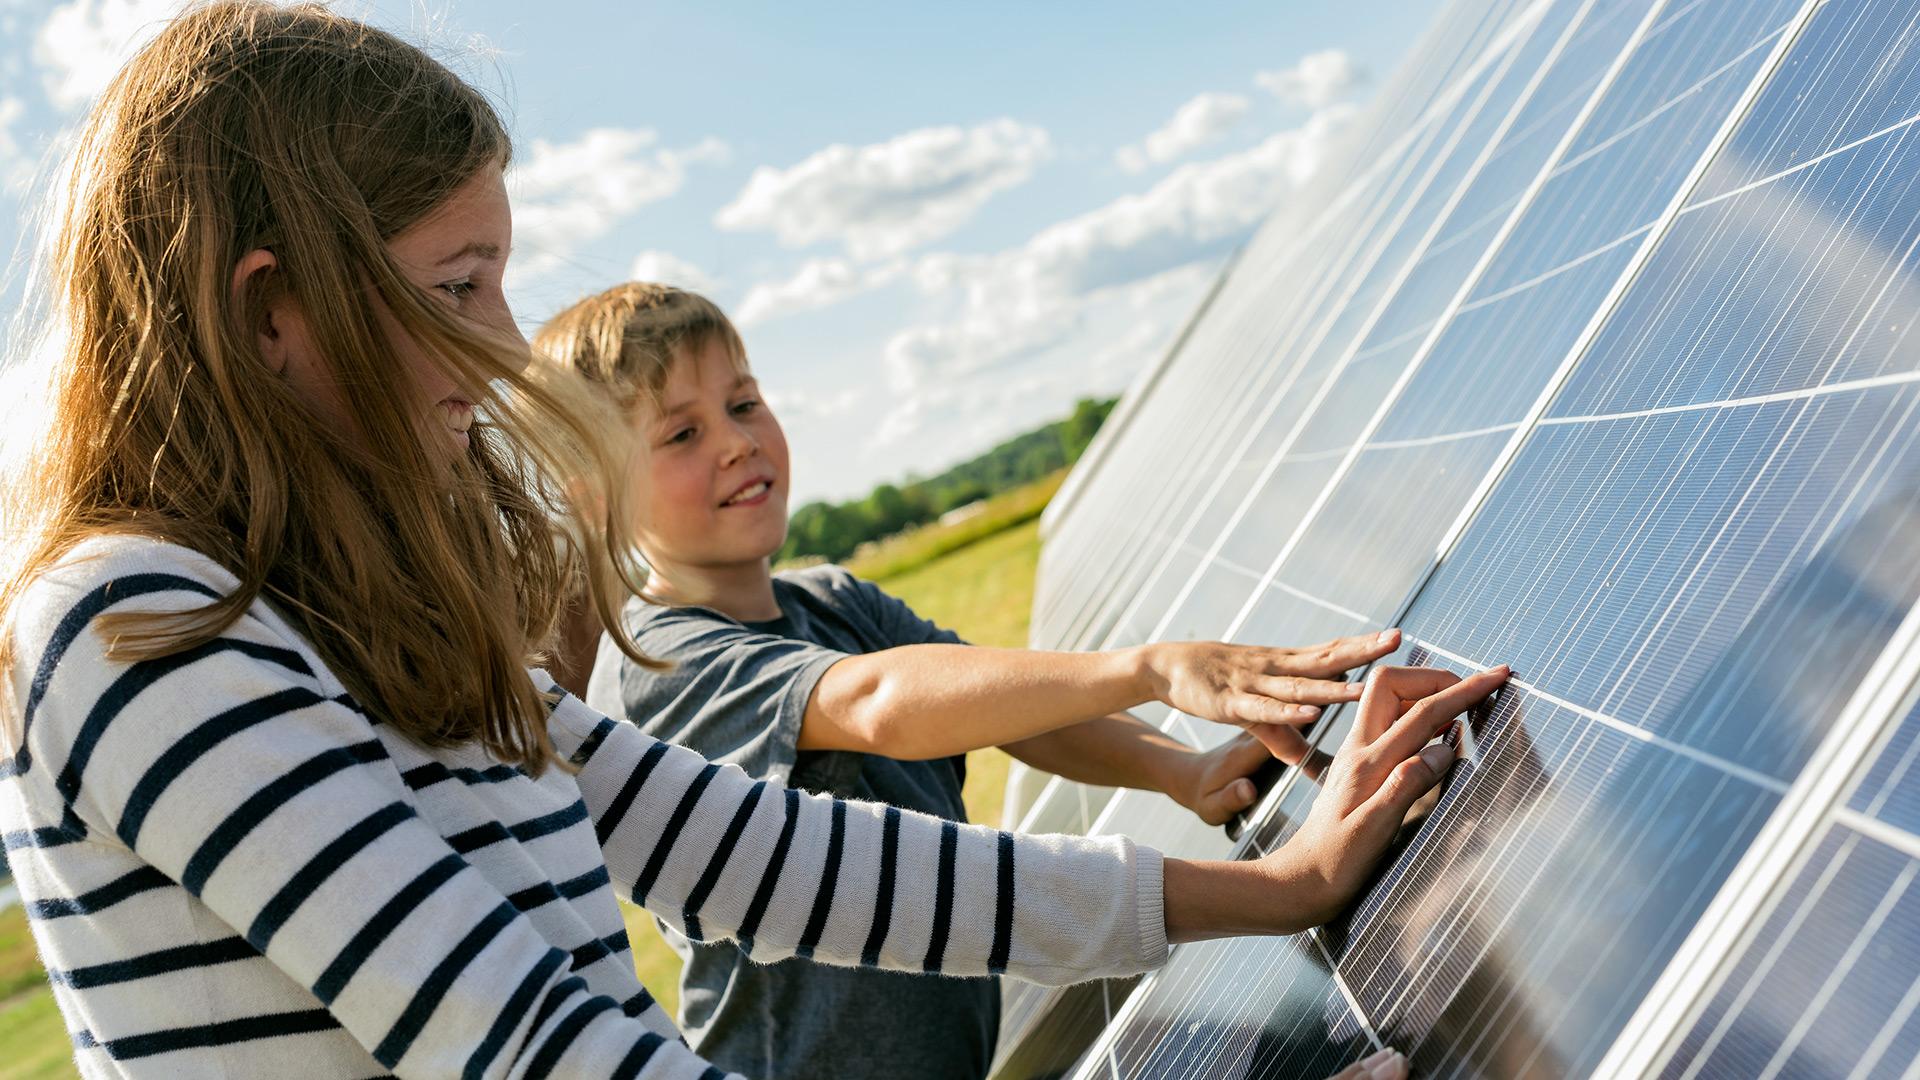 En pojke och en flicka som rör vid solpaneler